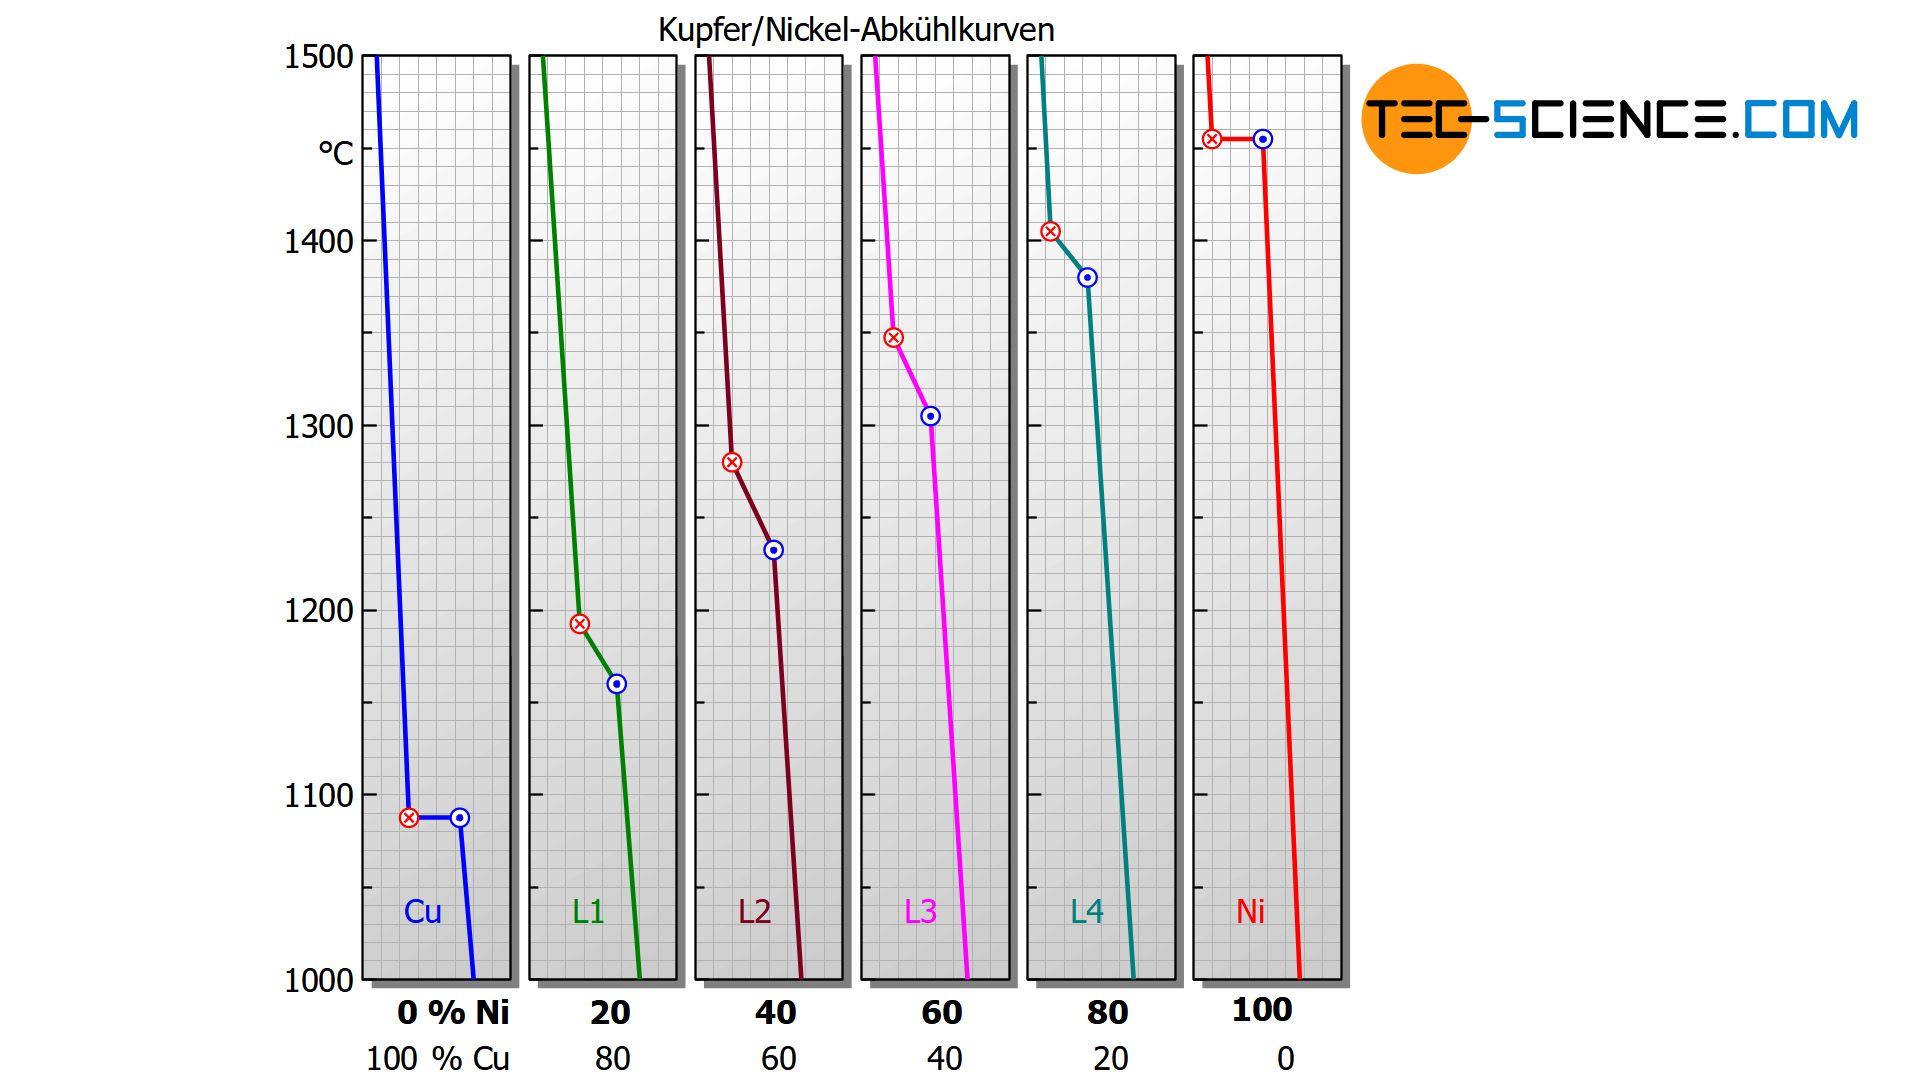 Abbildung: Abkühlkurven eines Legierungssystems mit vollkommener Löslichkeit der Komponenten (Mischkristalllegierung)